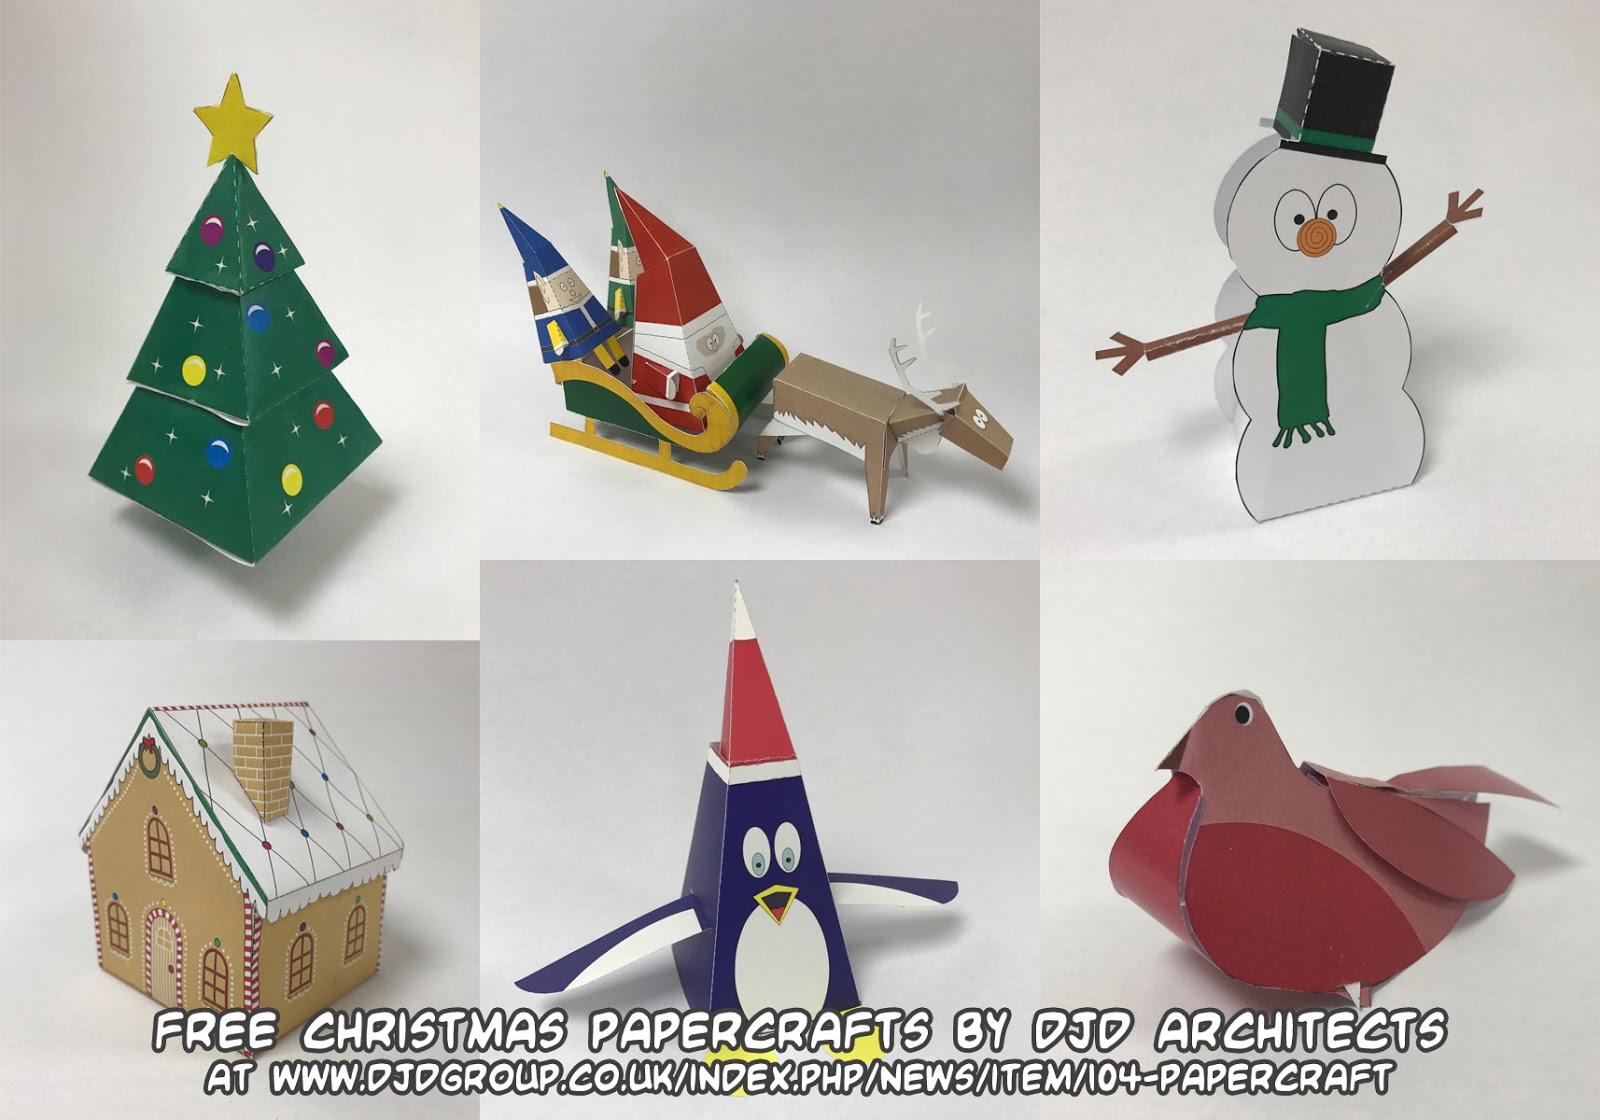 free christmas paper crafts ss42com - 1200×630